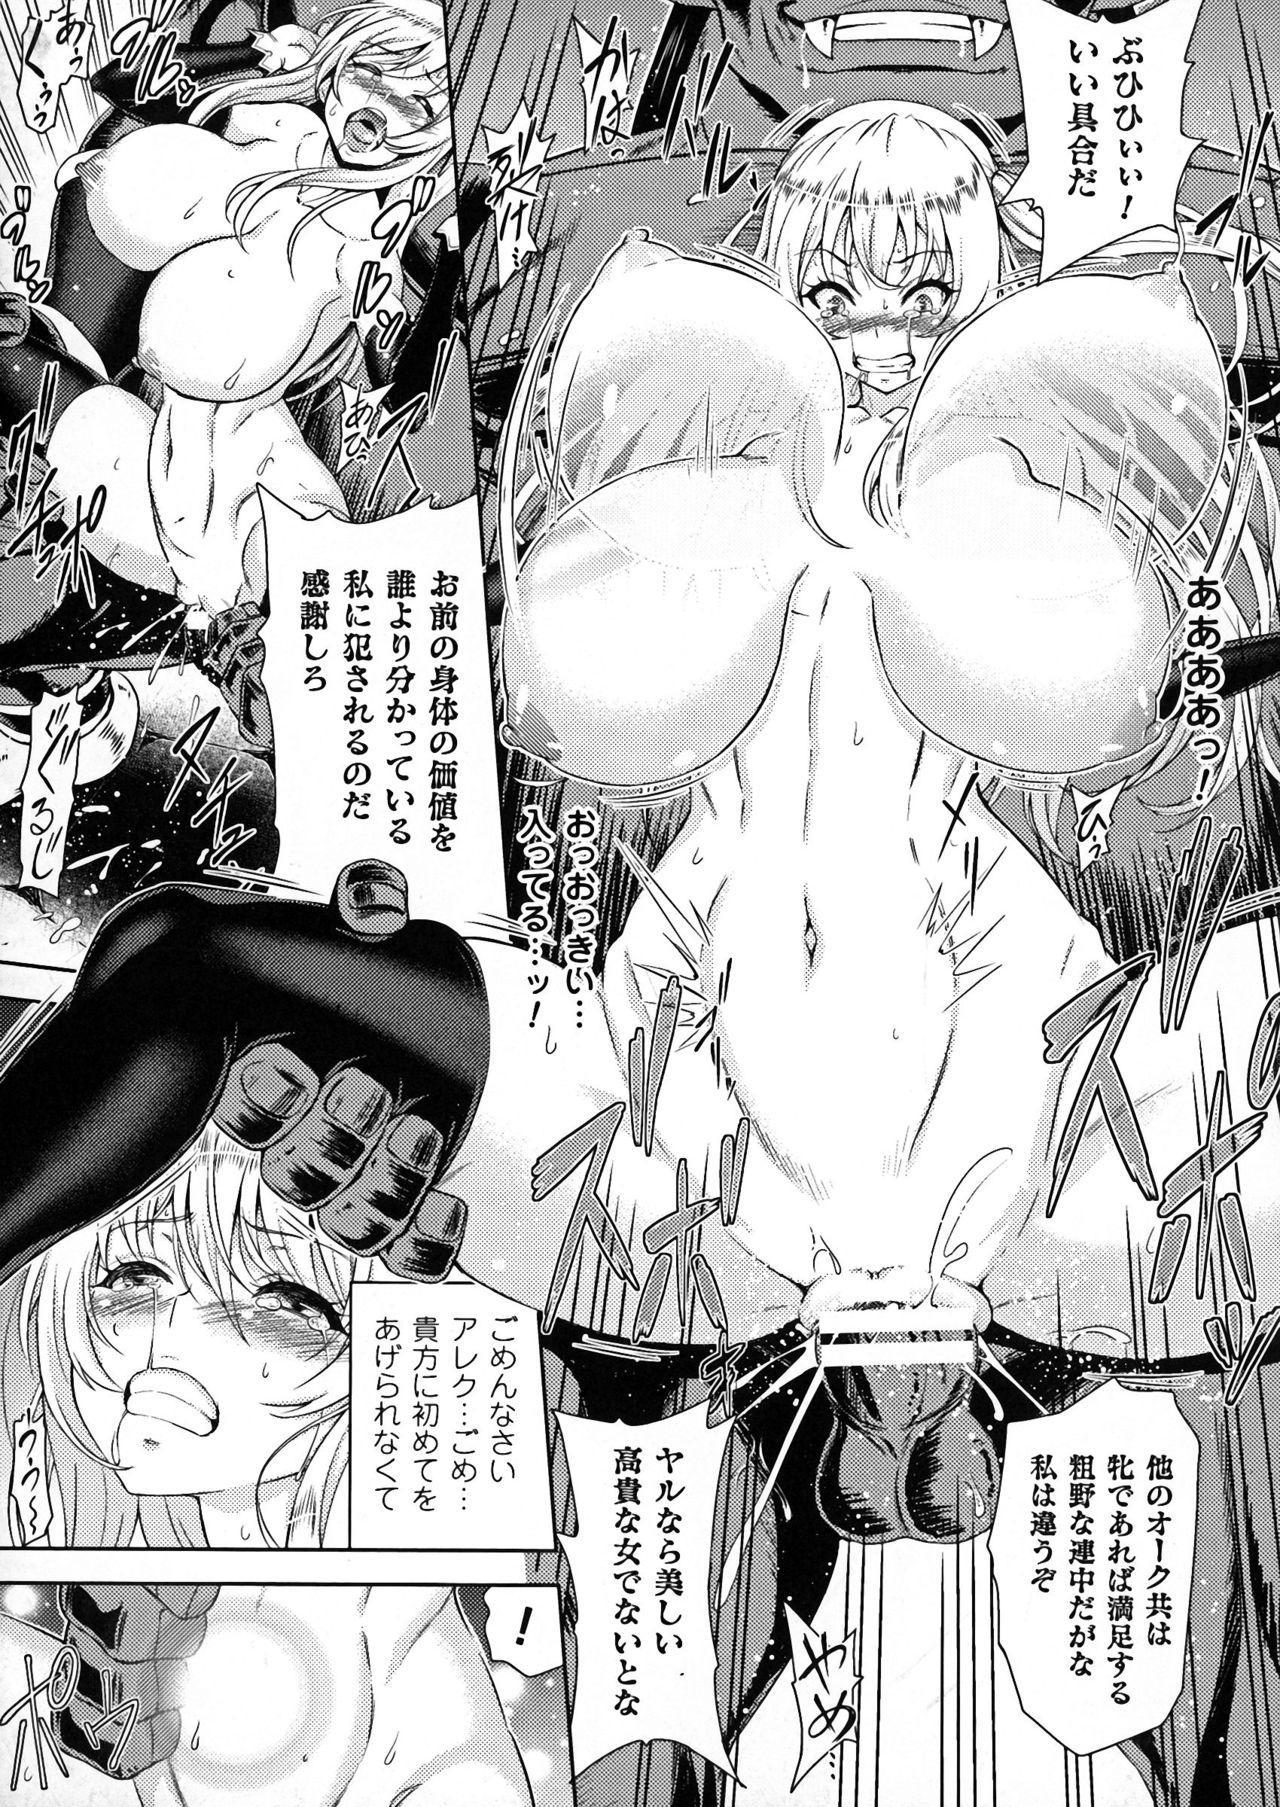 ERONA Orc no Inmon ni Okasareta Onna Kishi no Matsuro 16